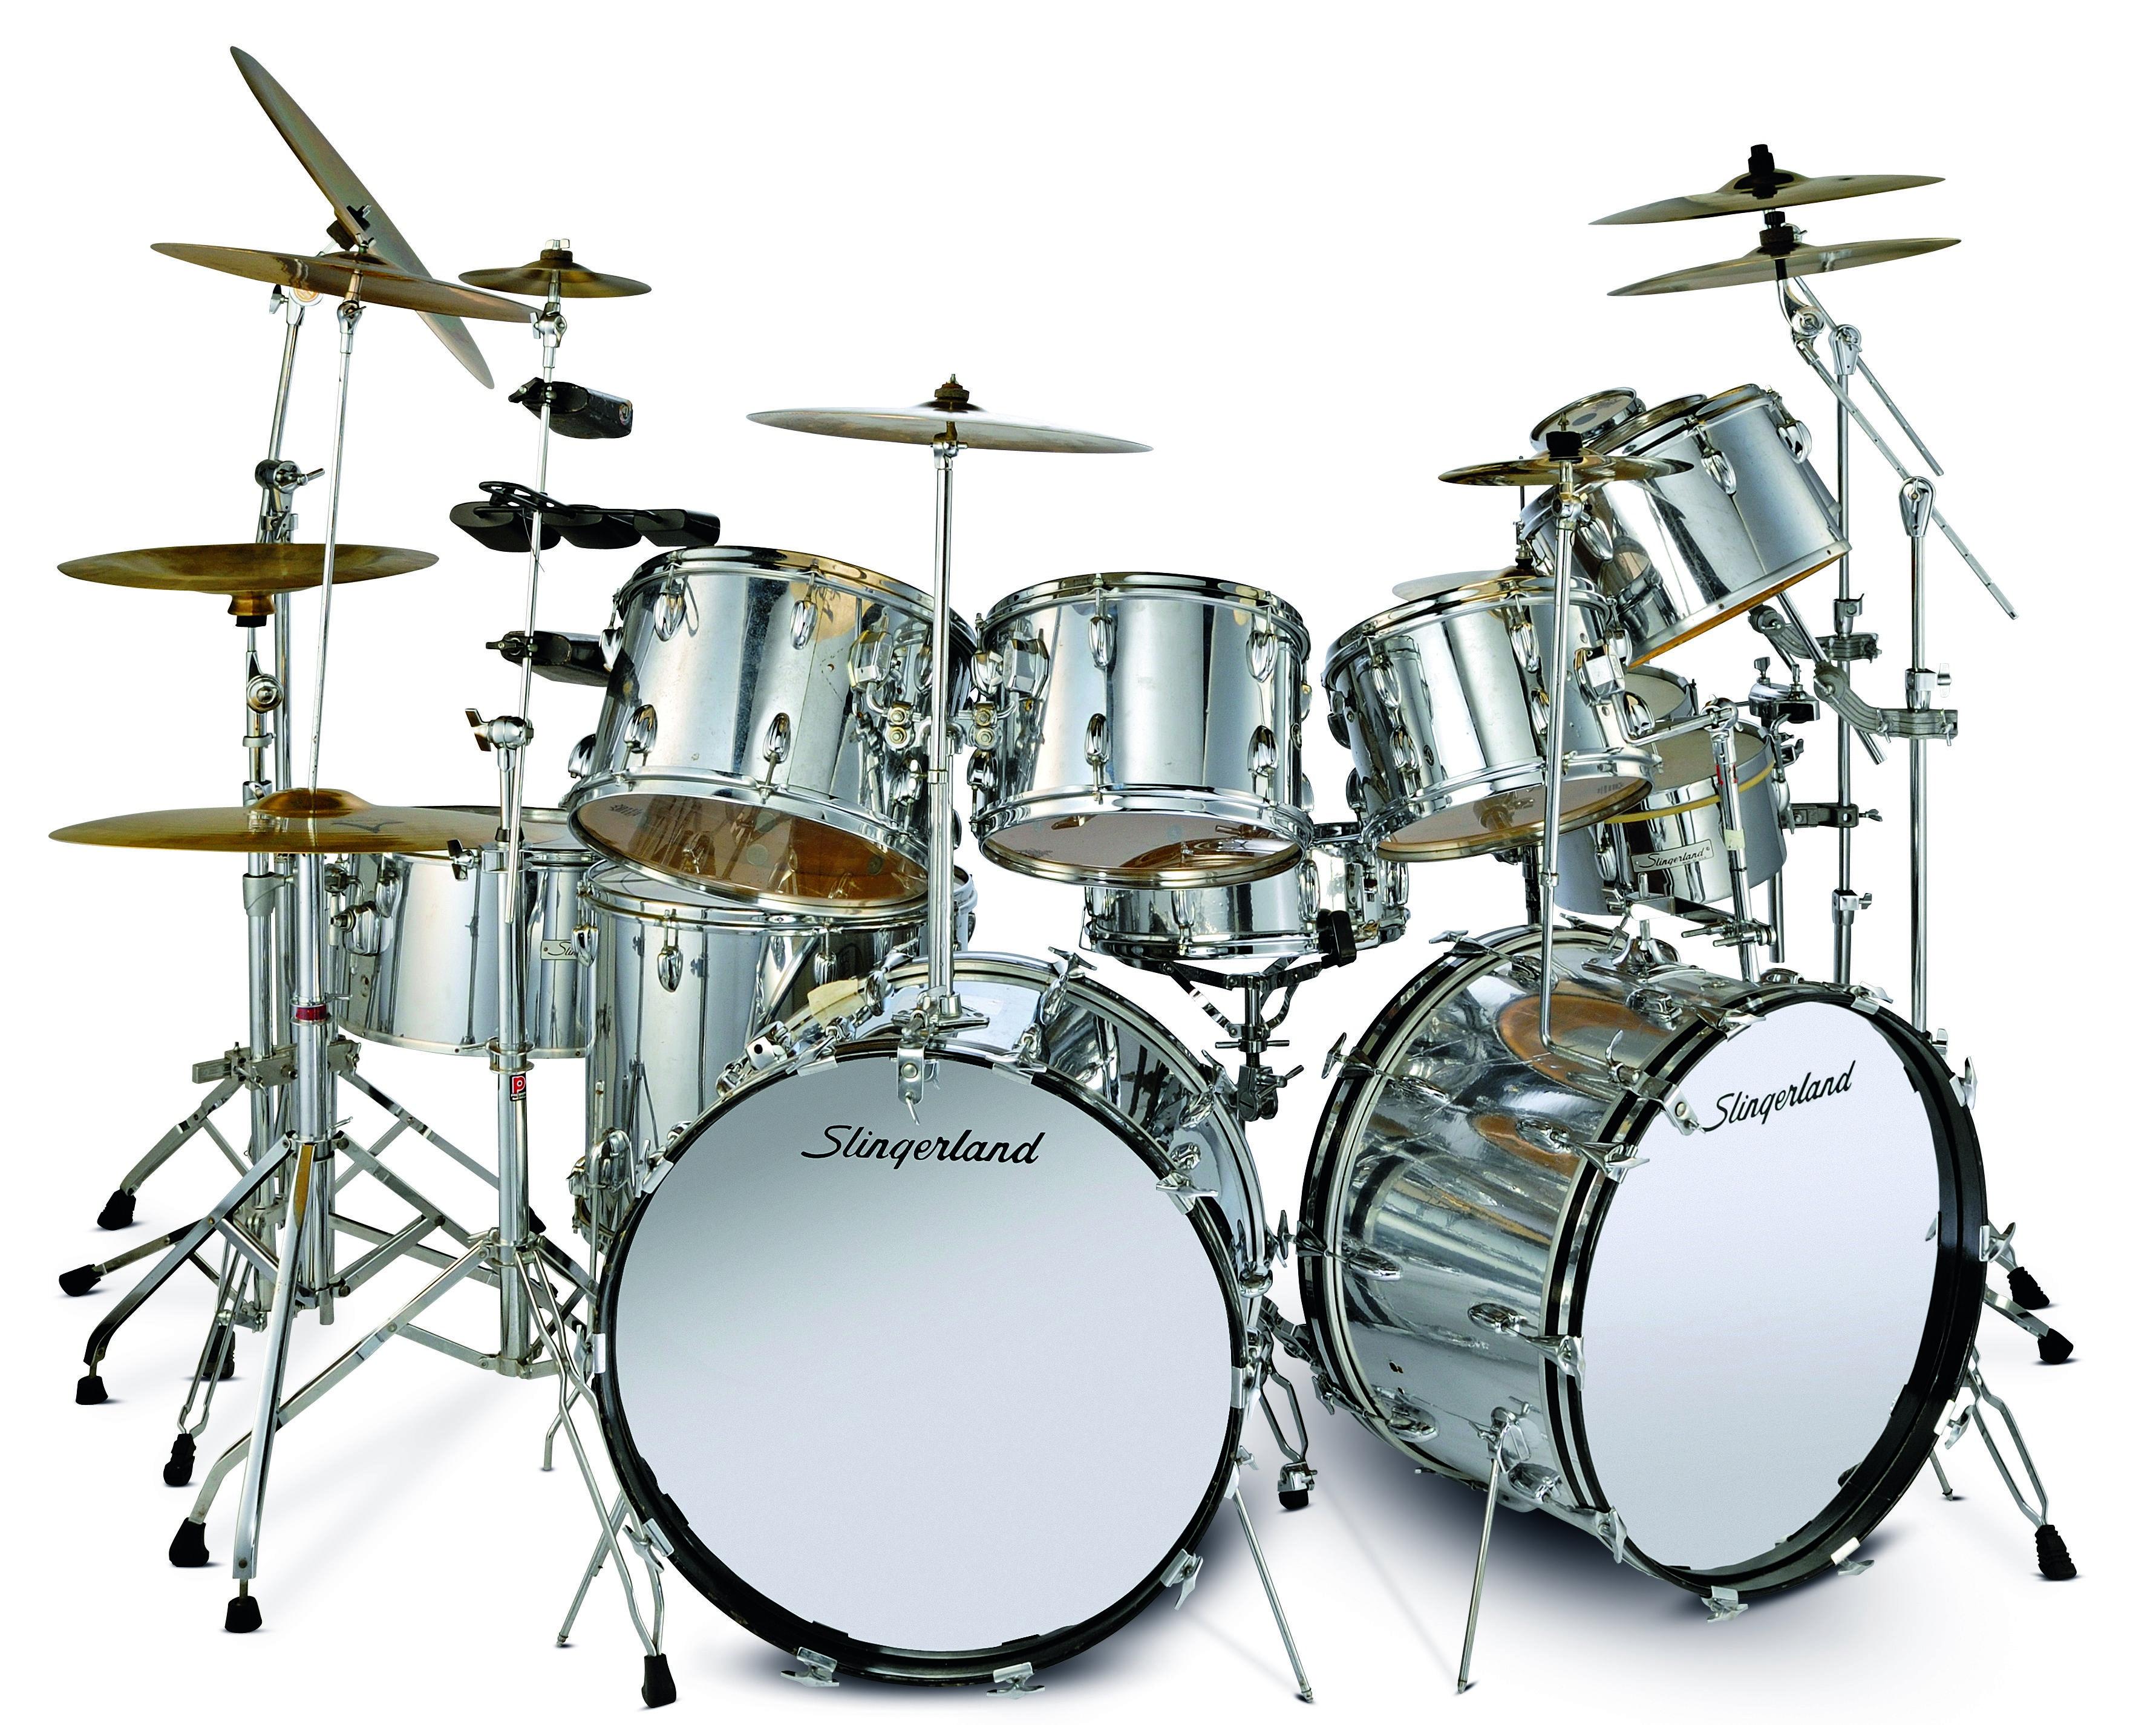 Sam Kesteven S Drums Drum Kits Drums Vintage Drums